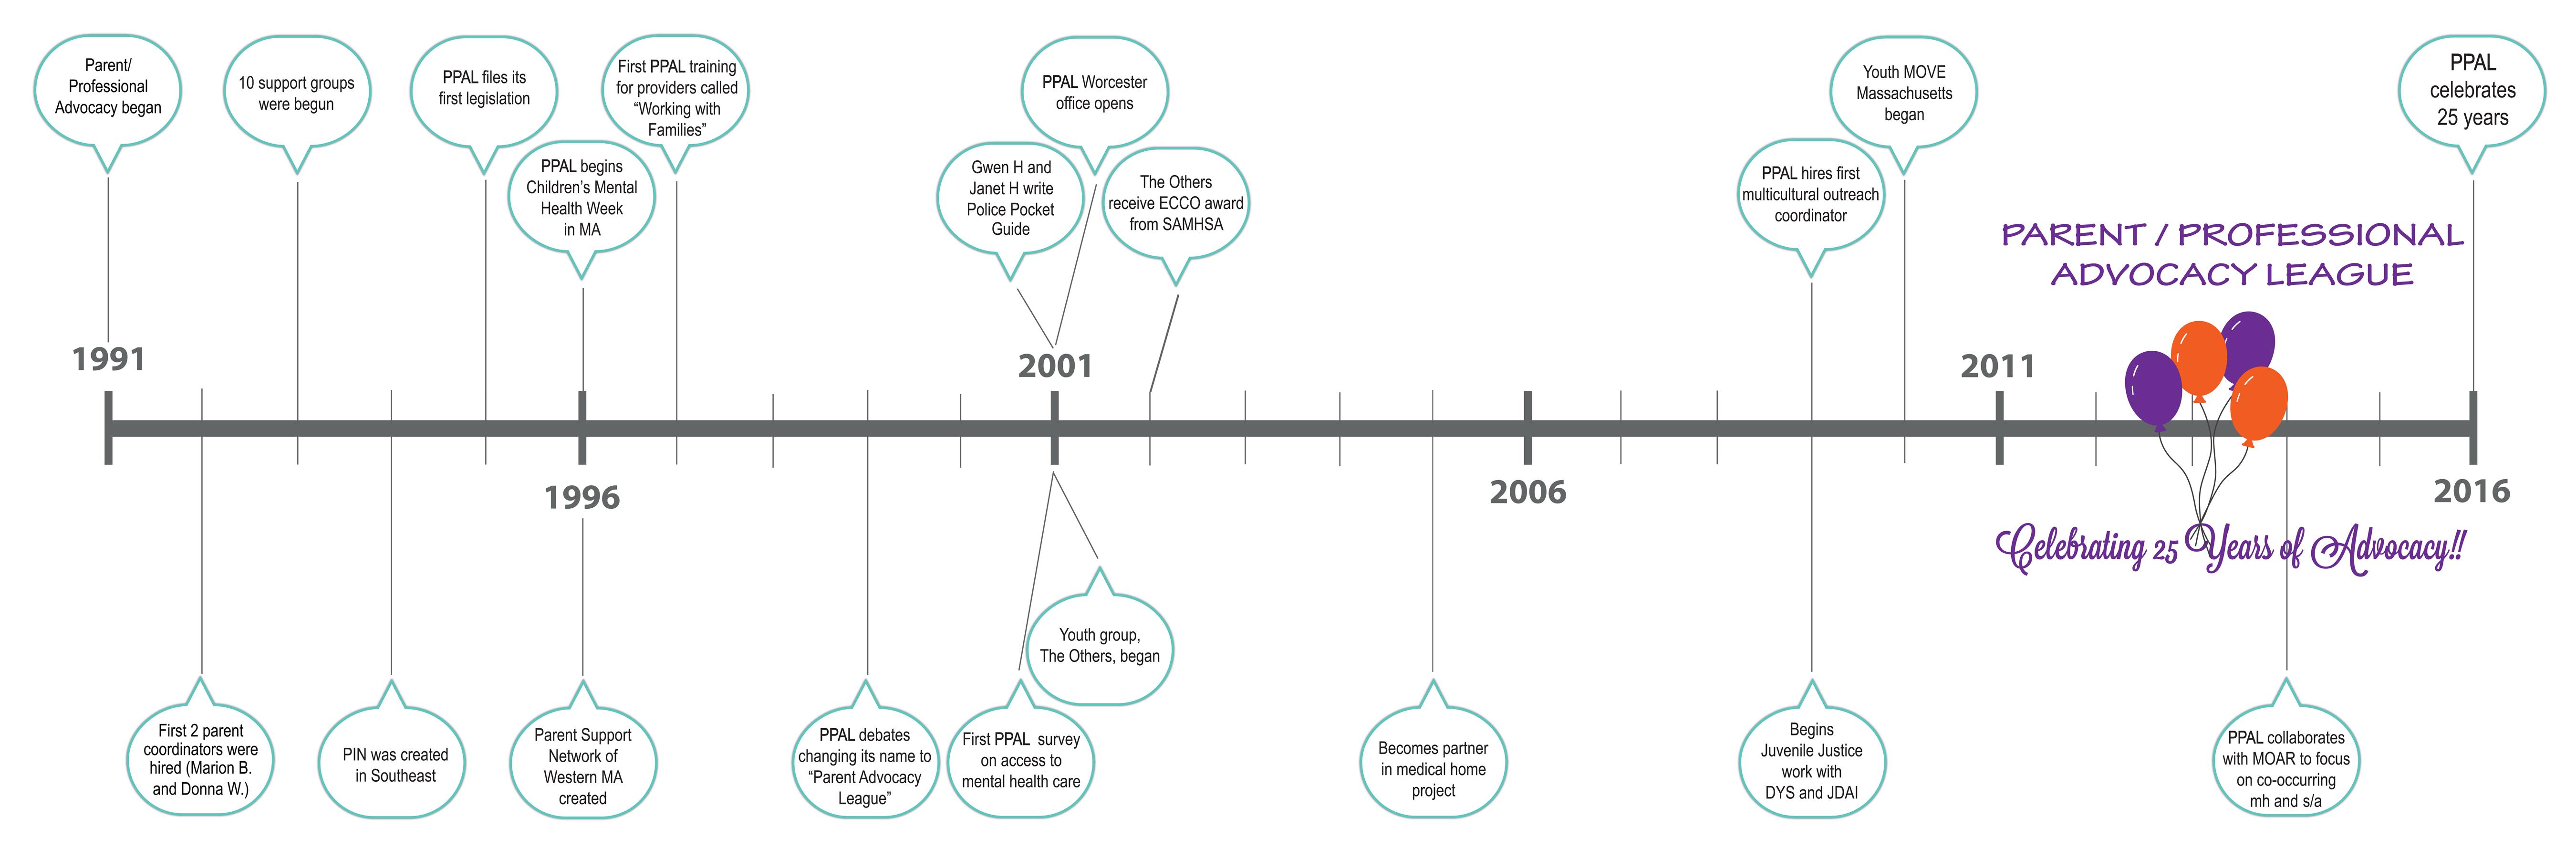 PPAL Timeline Banner